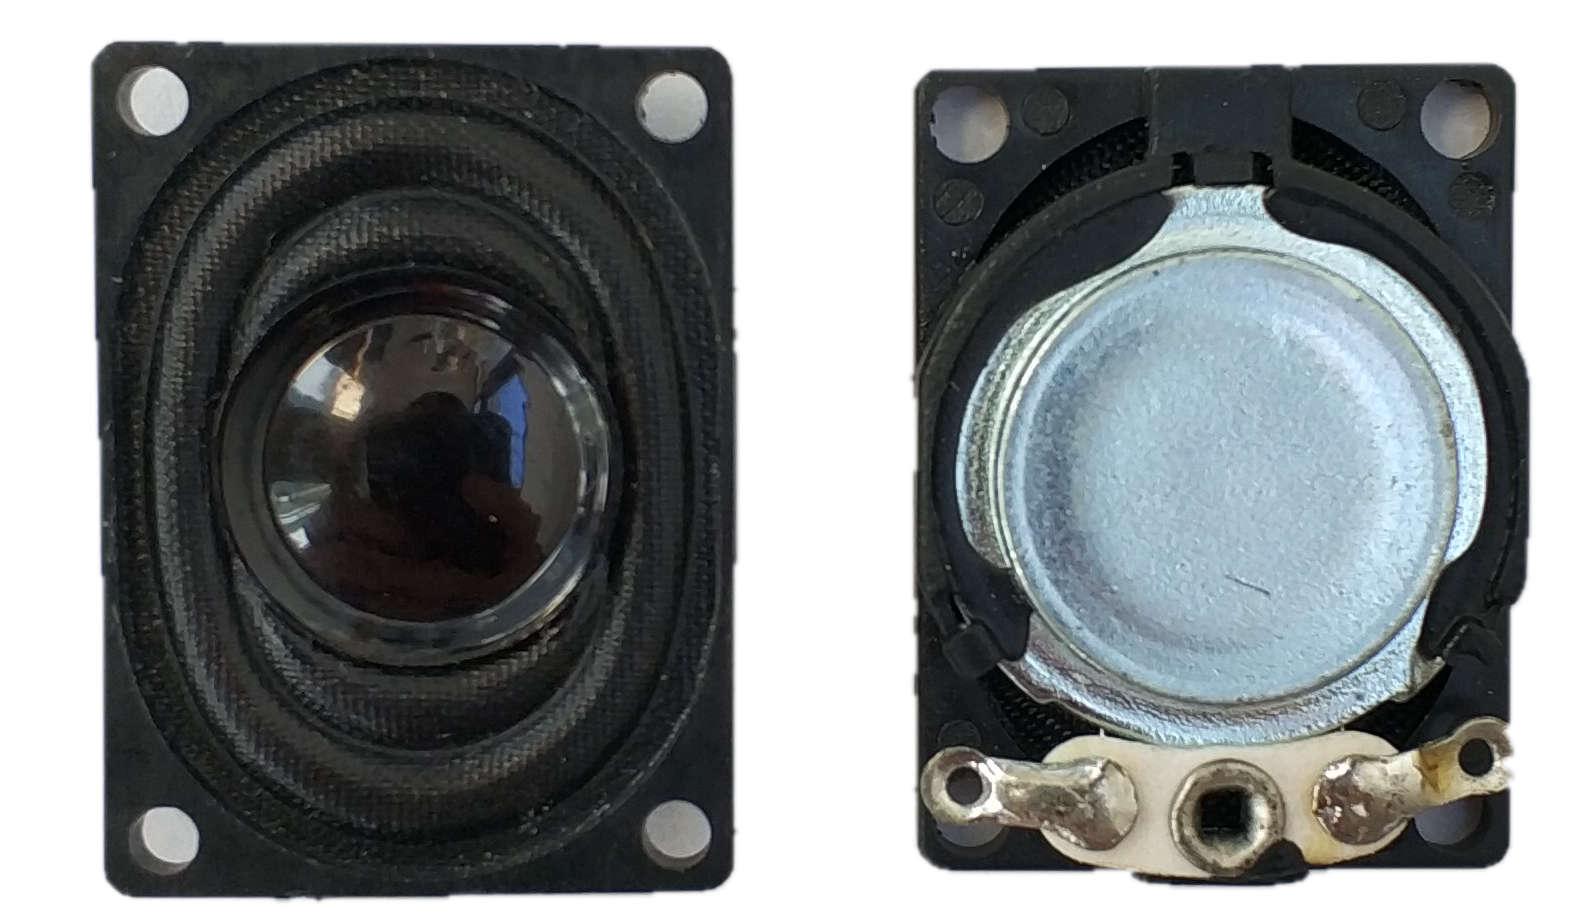 FXS2720064-R08W1.0